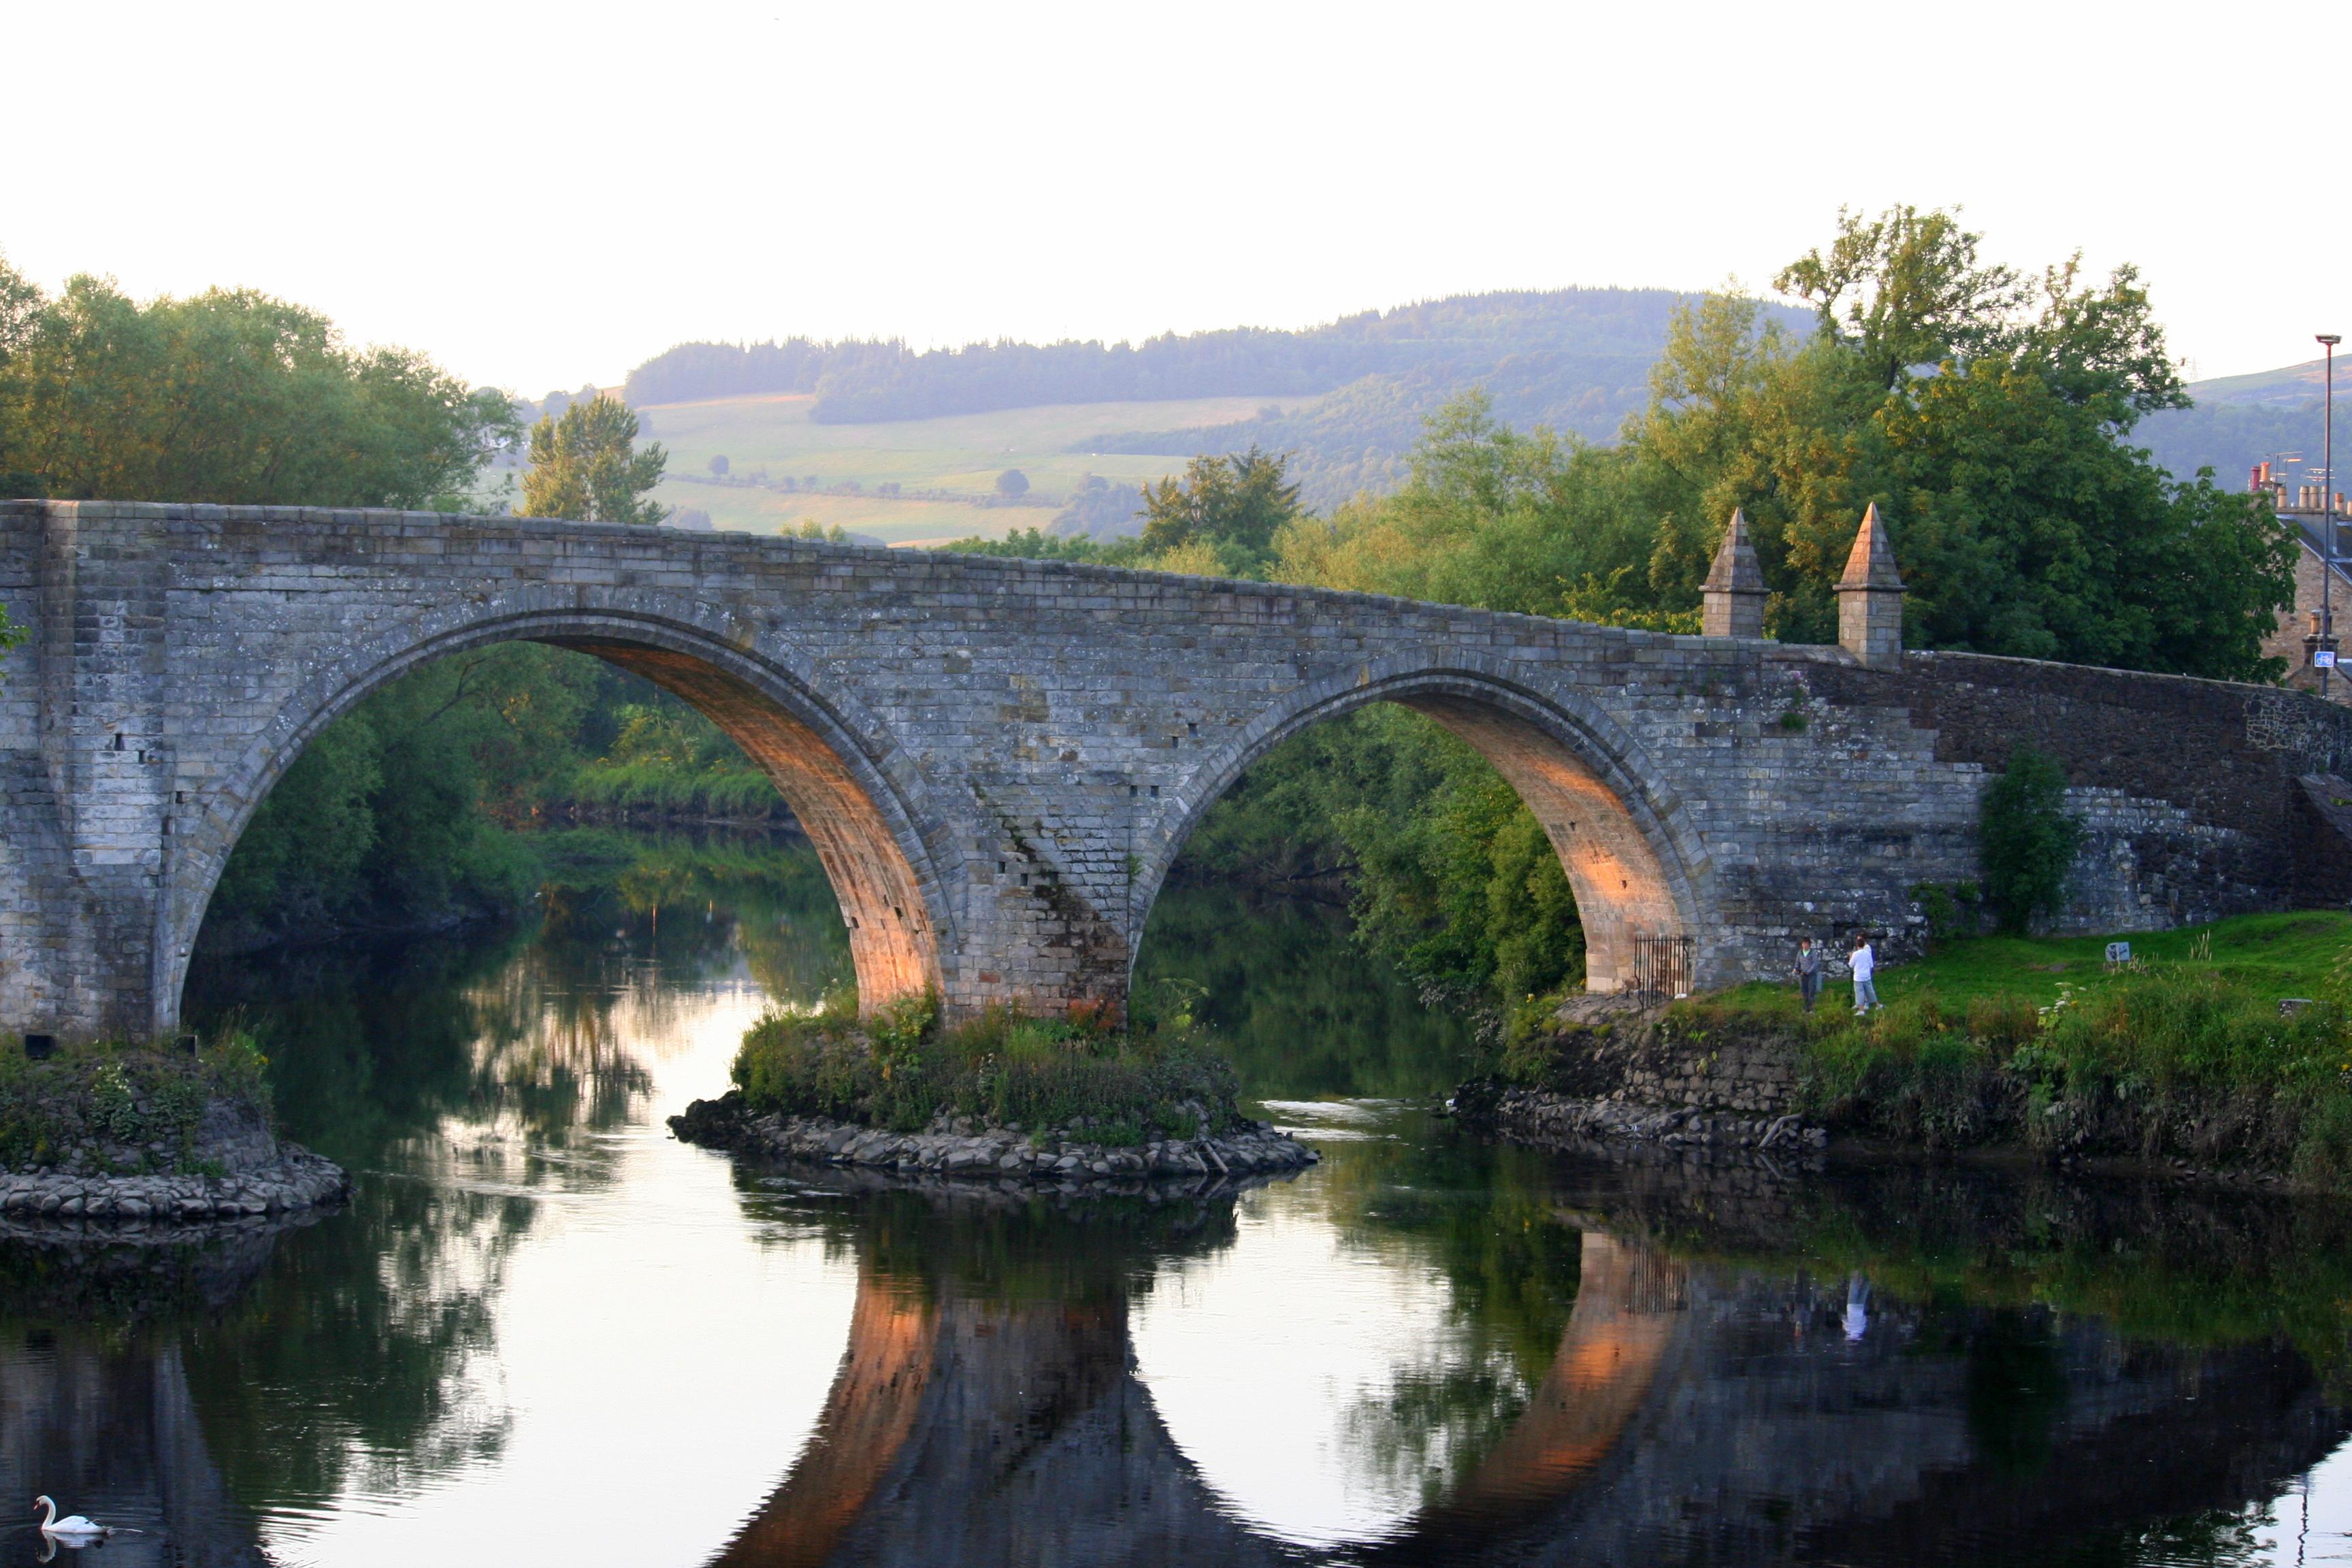 Descubre el puente y el castillo de Braveheart - Escocia Circuito Gran Tour de Escocia e Irlanda